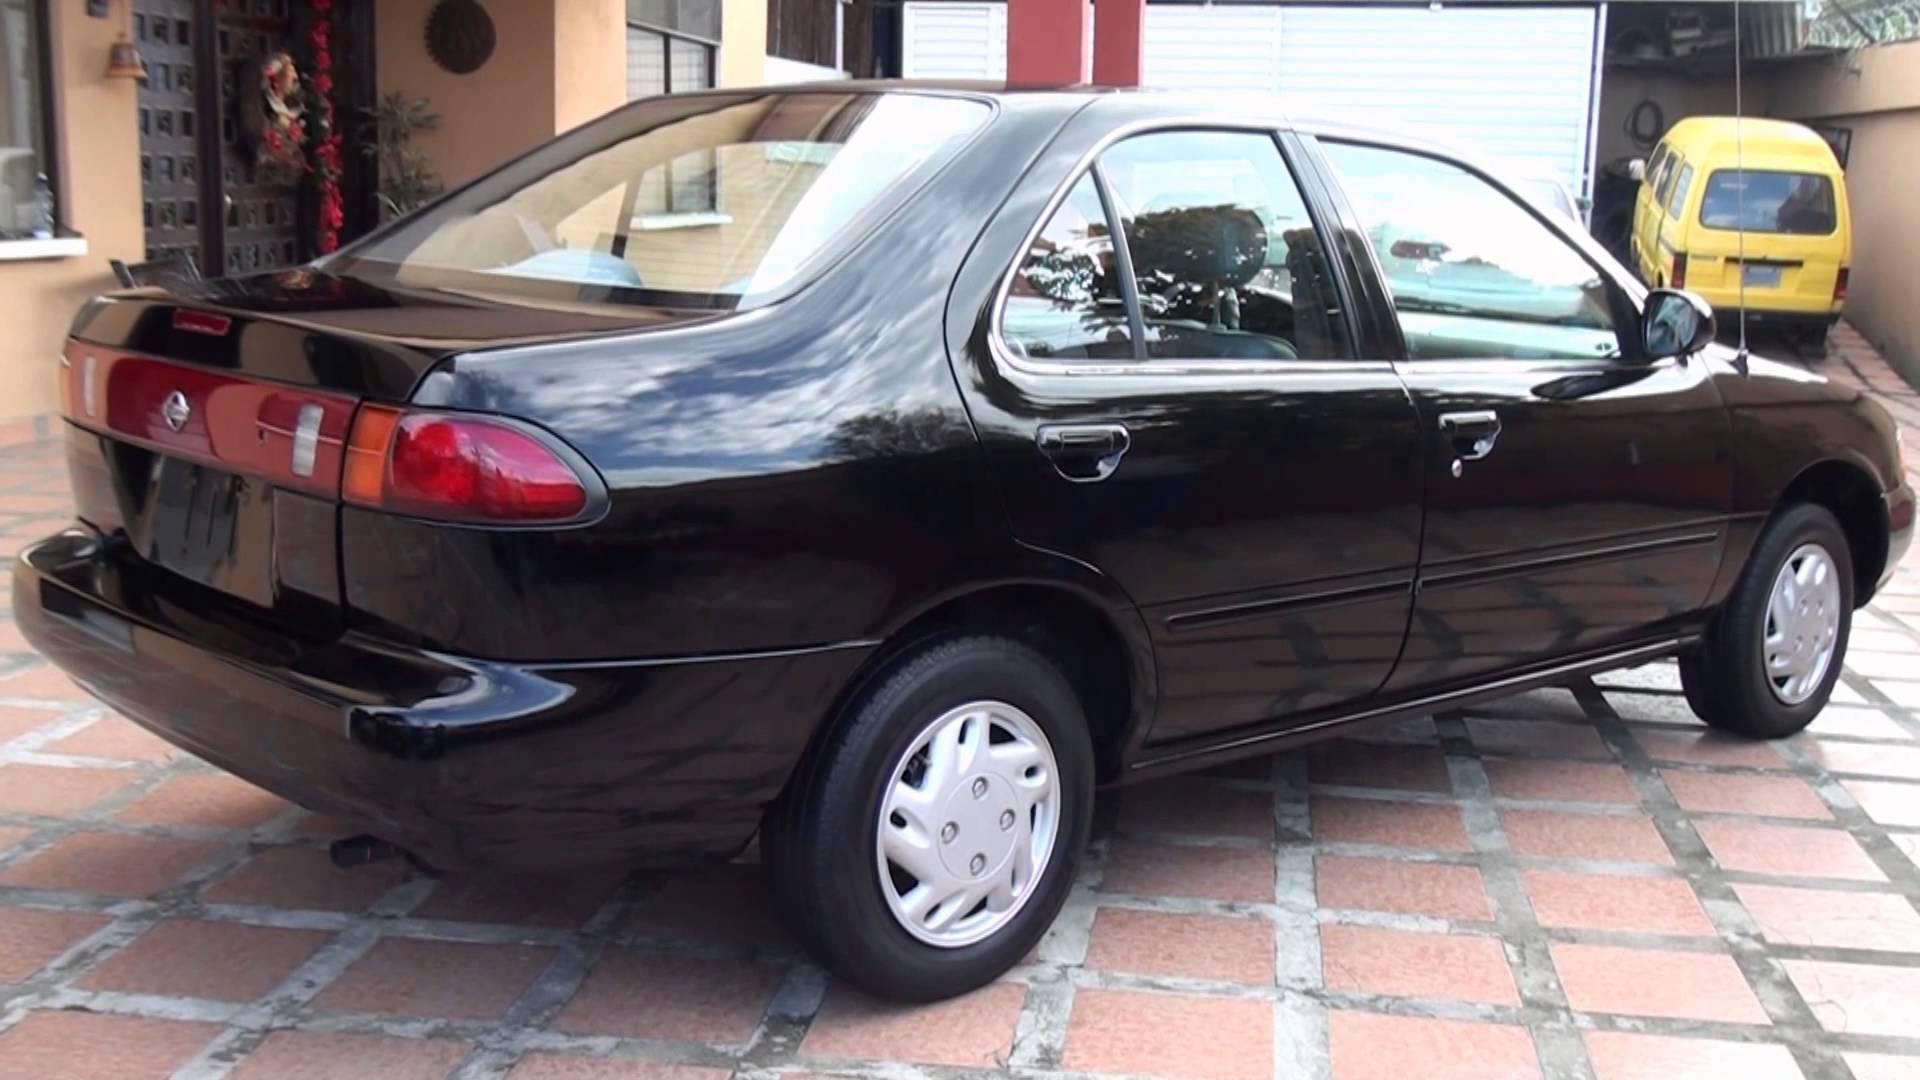 1997 Nissan Sentra #5 Nissan Sentra #5